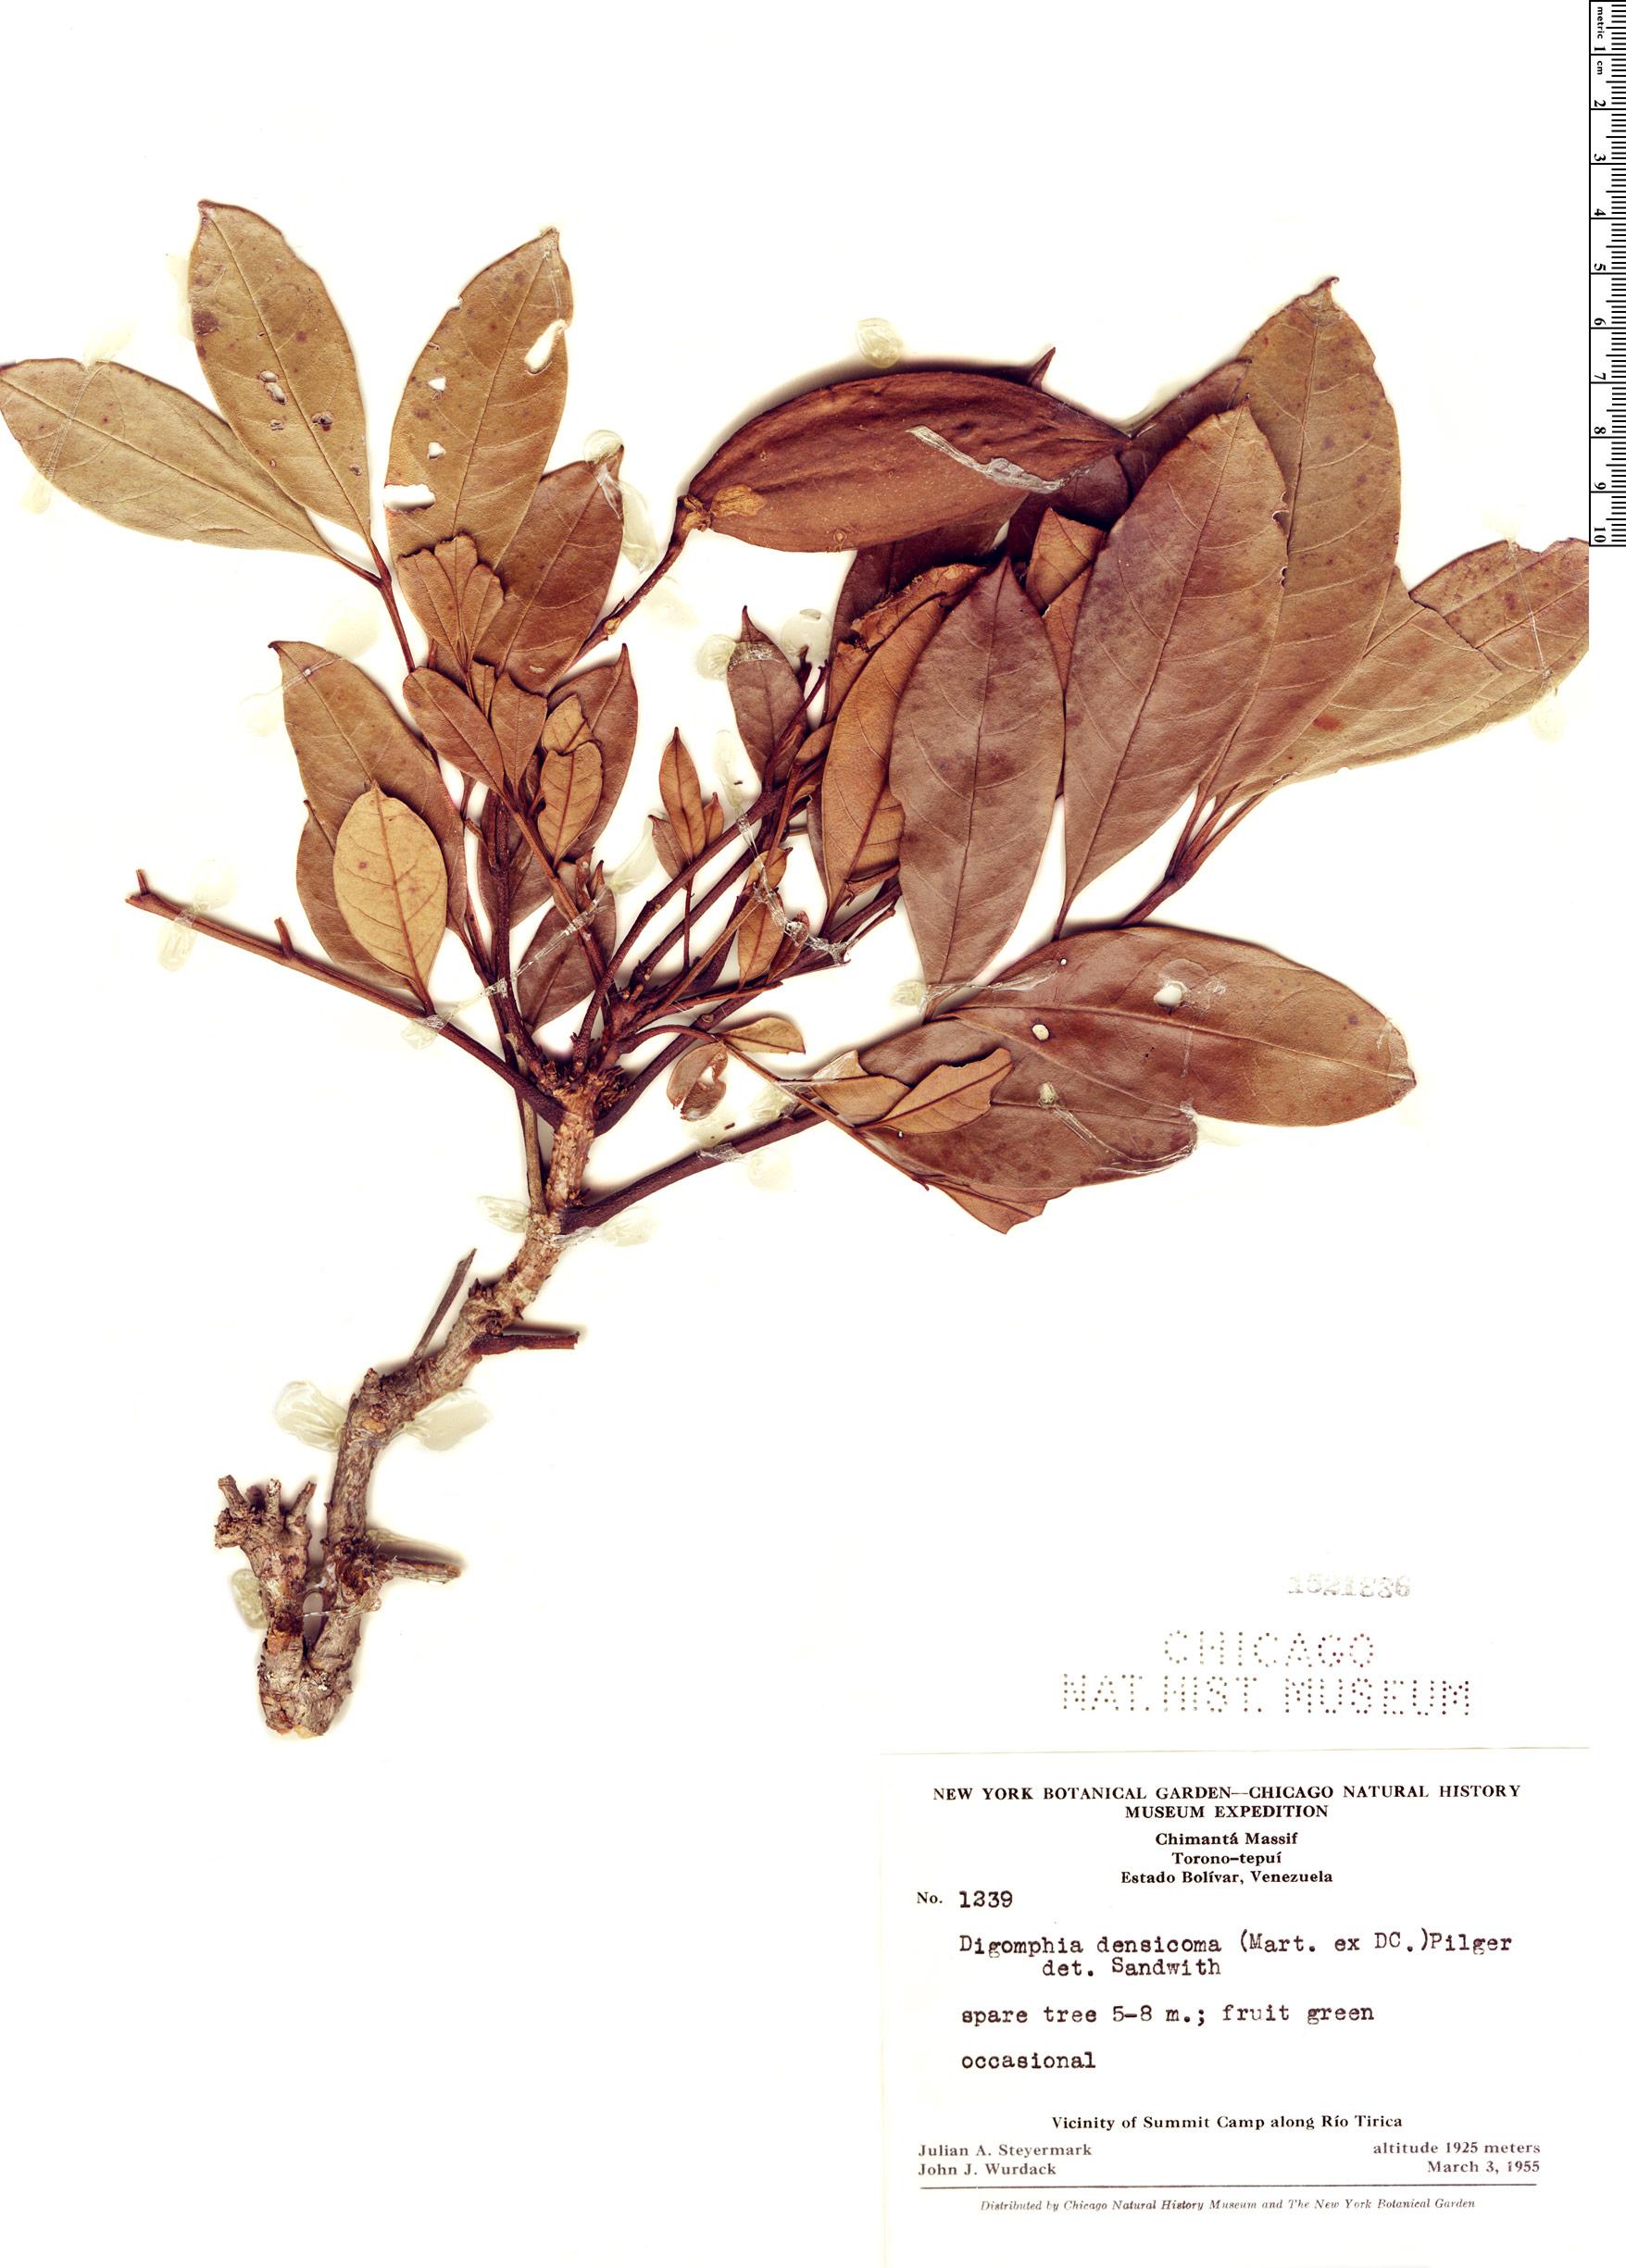 Specimen: Digomphia densicoma